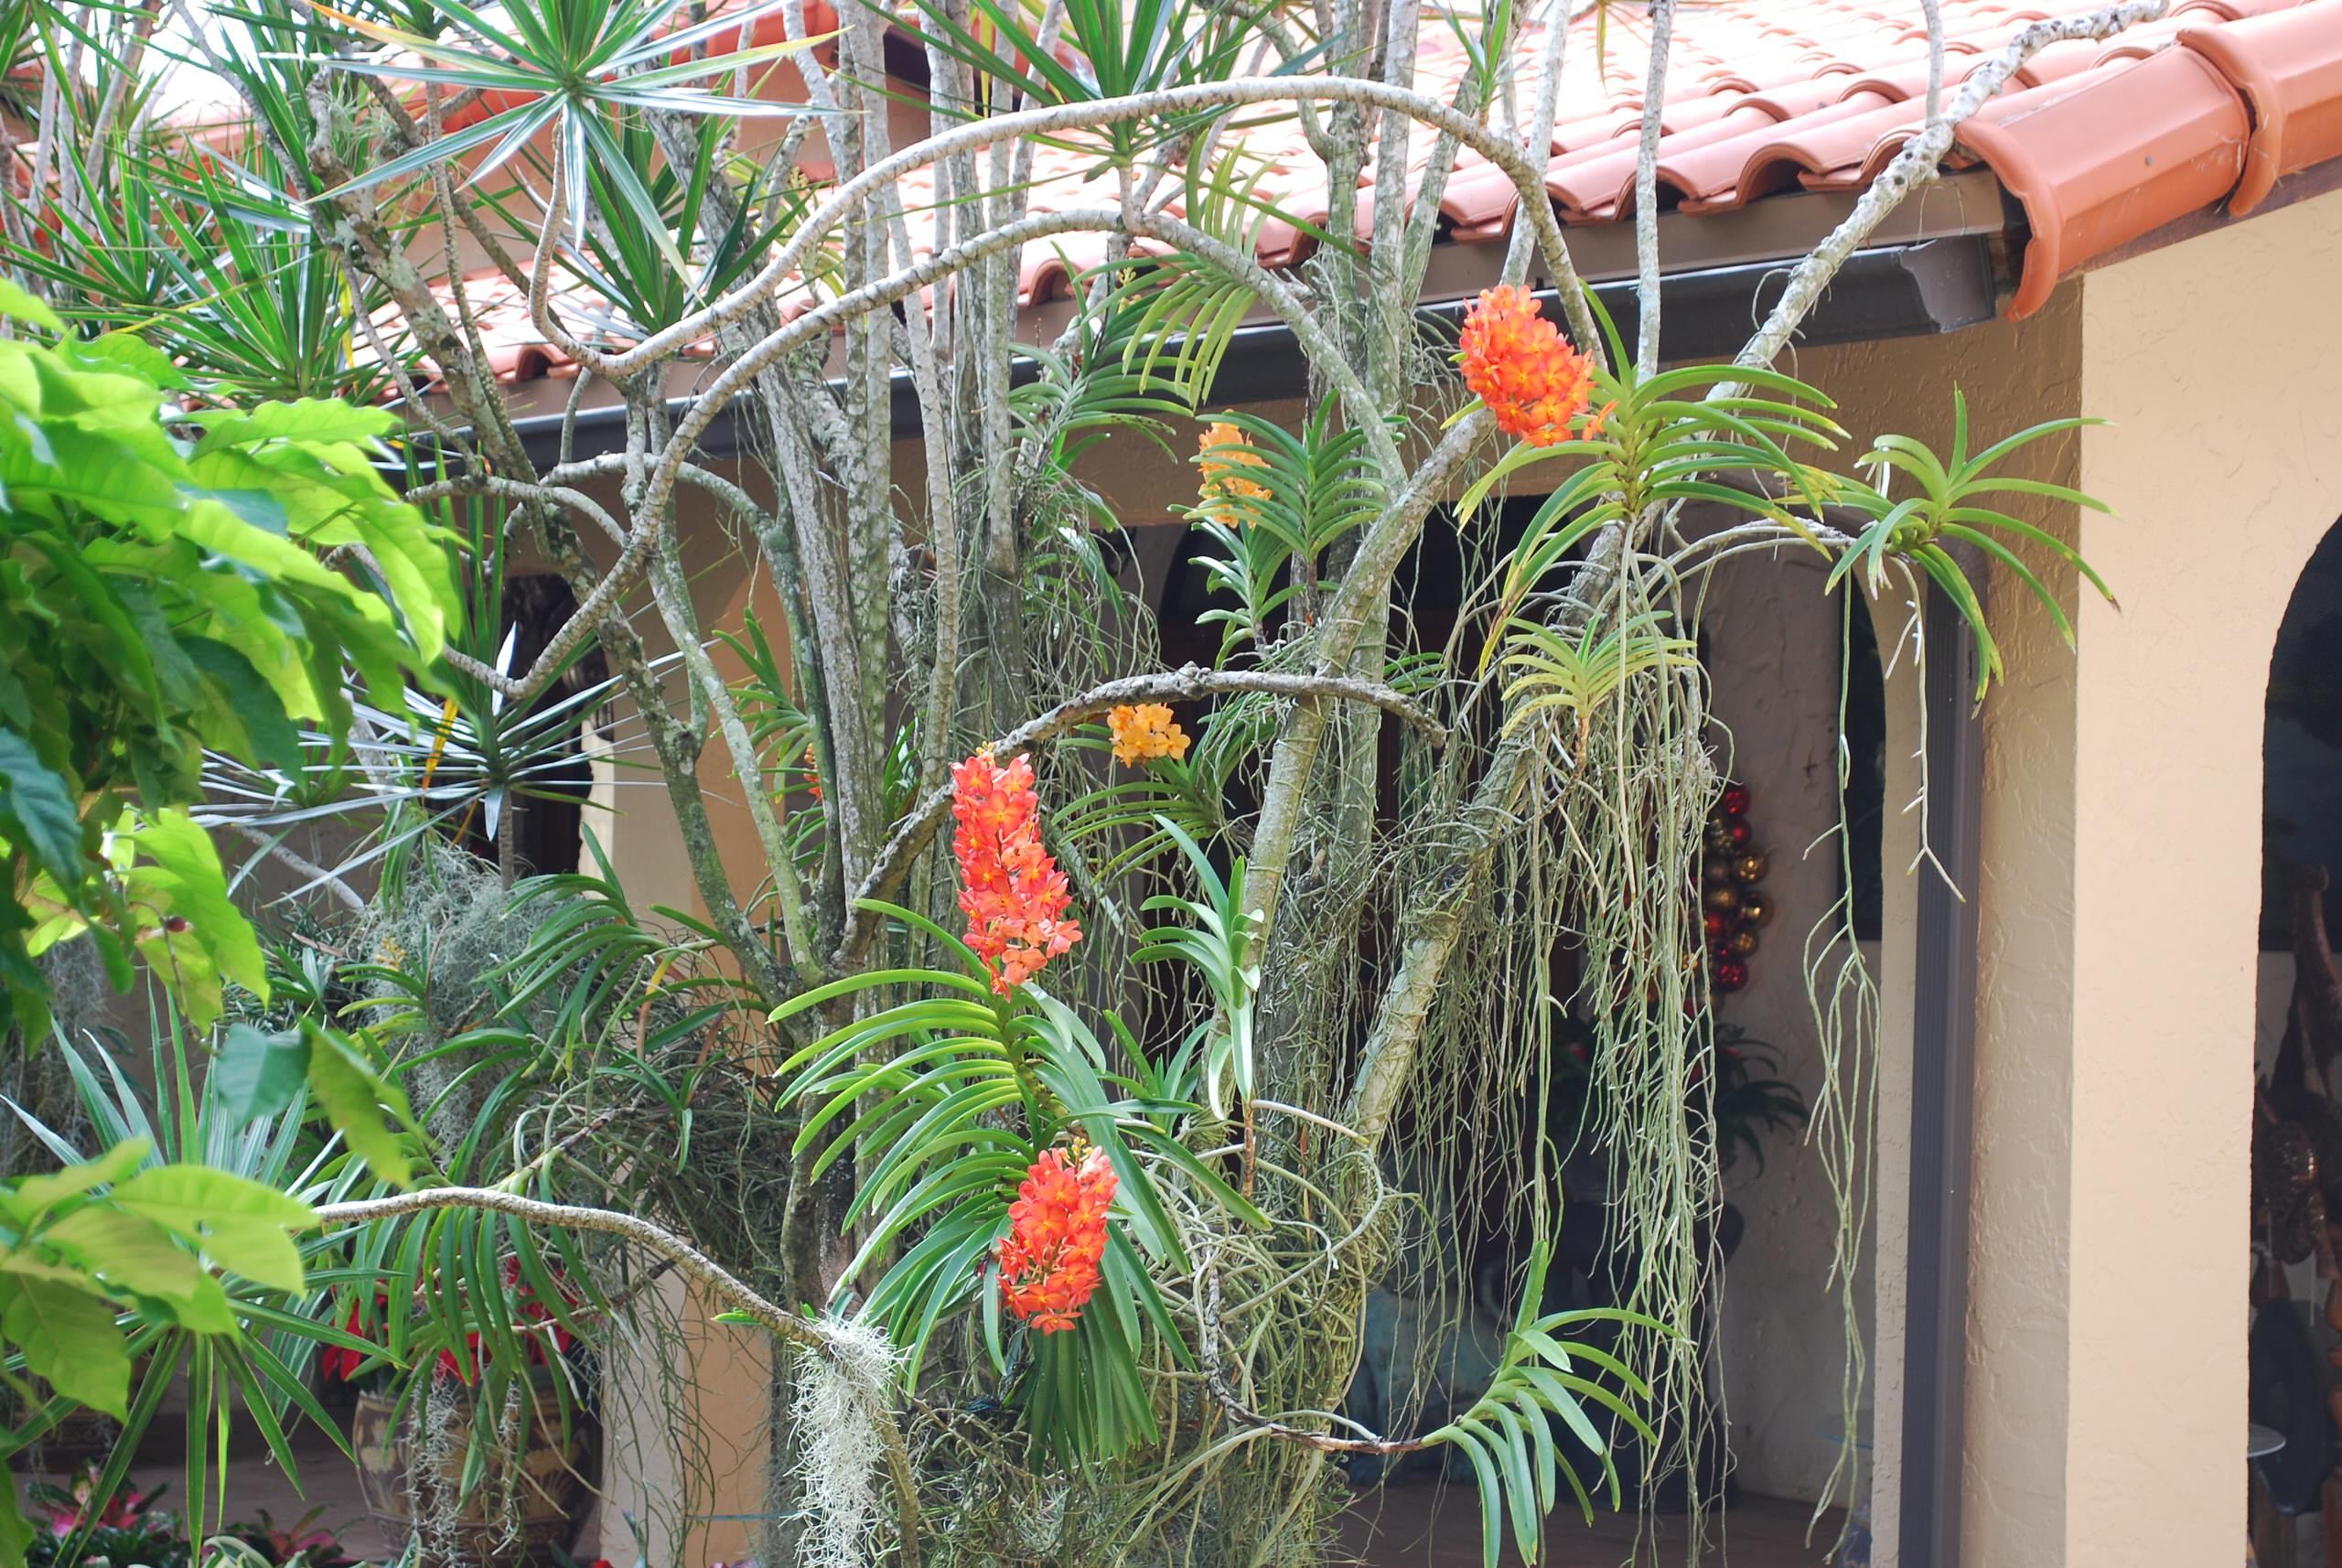 Ascocenda orchids